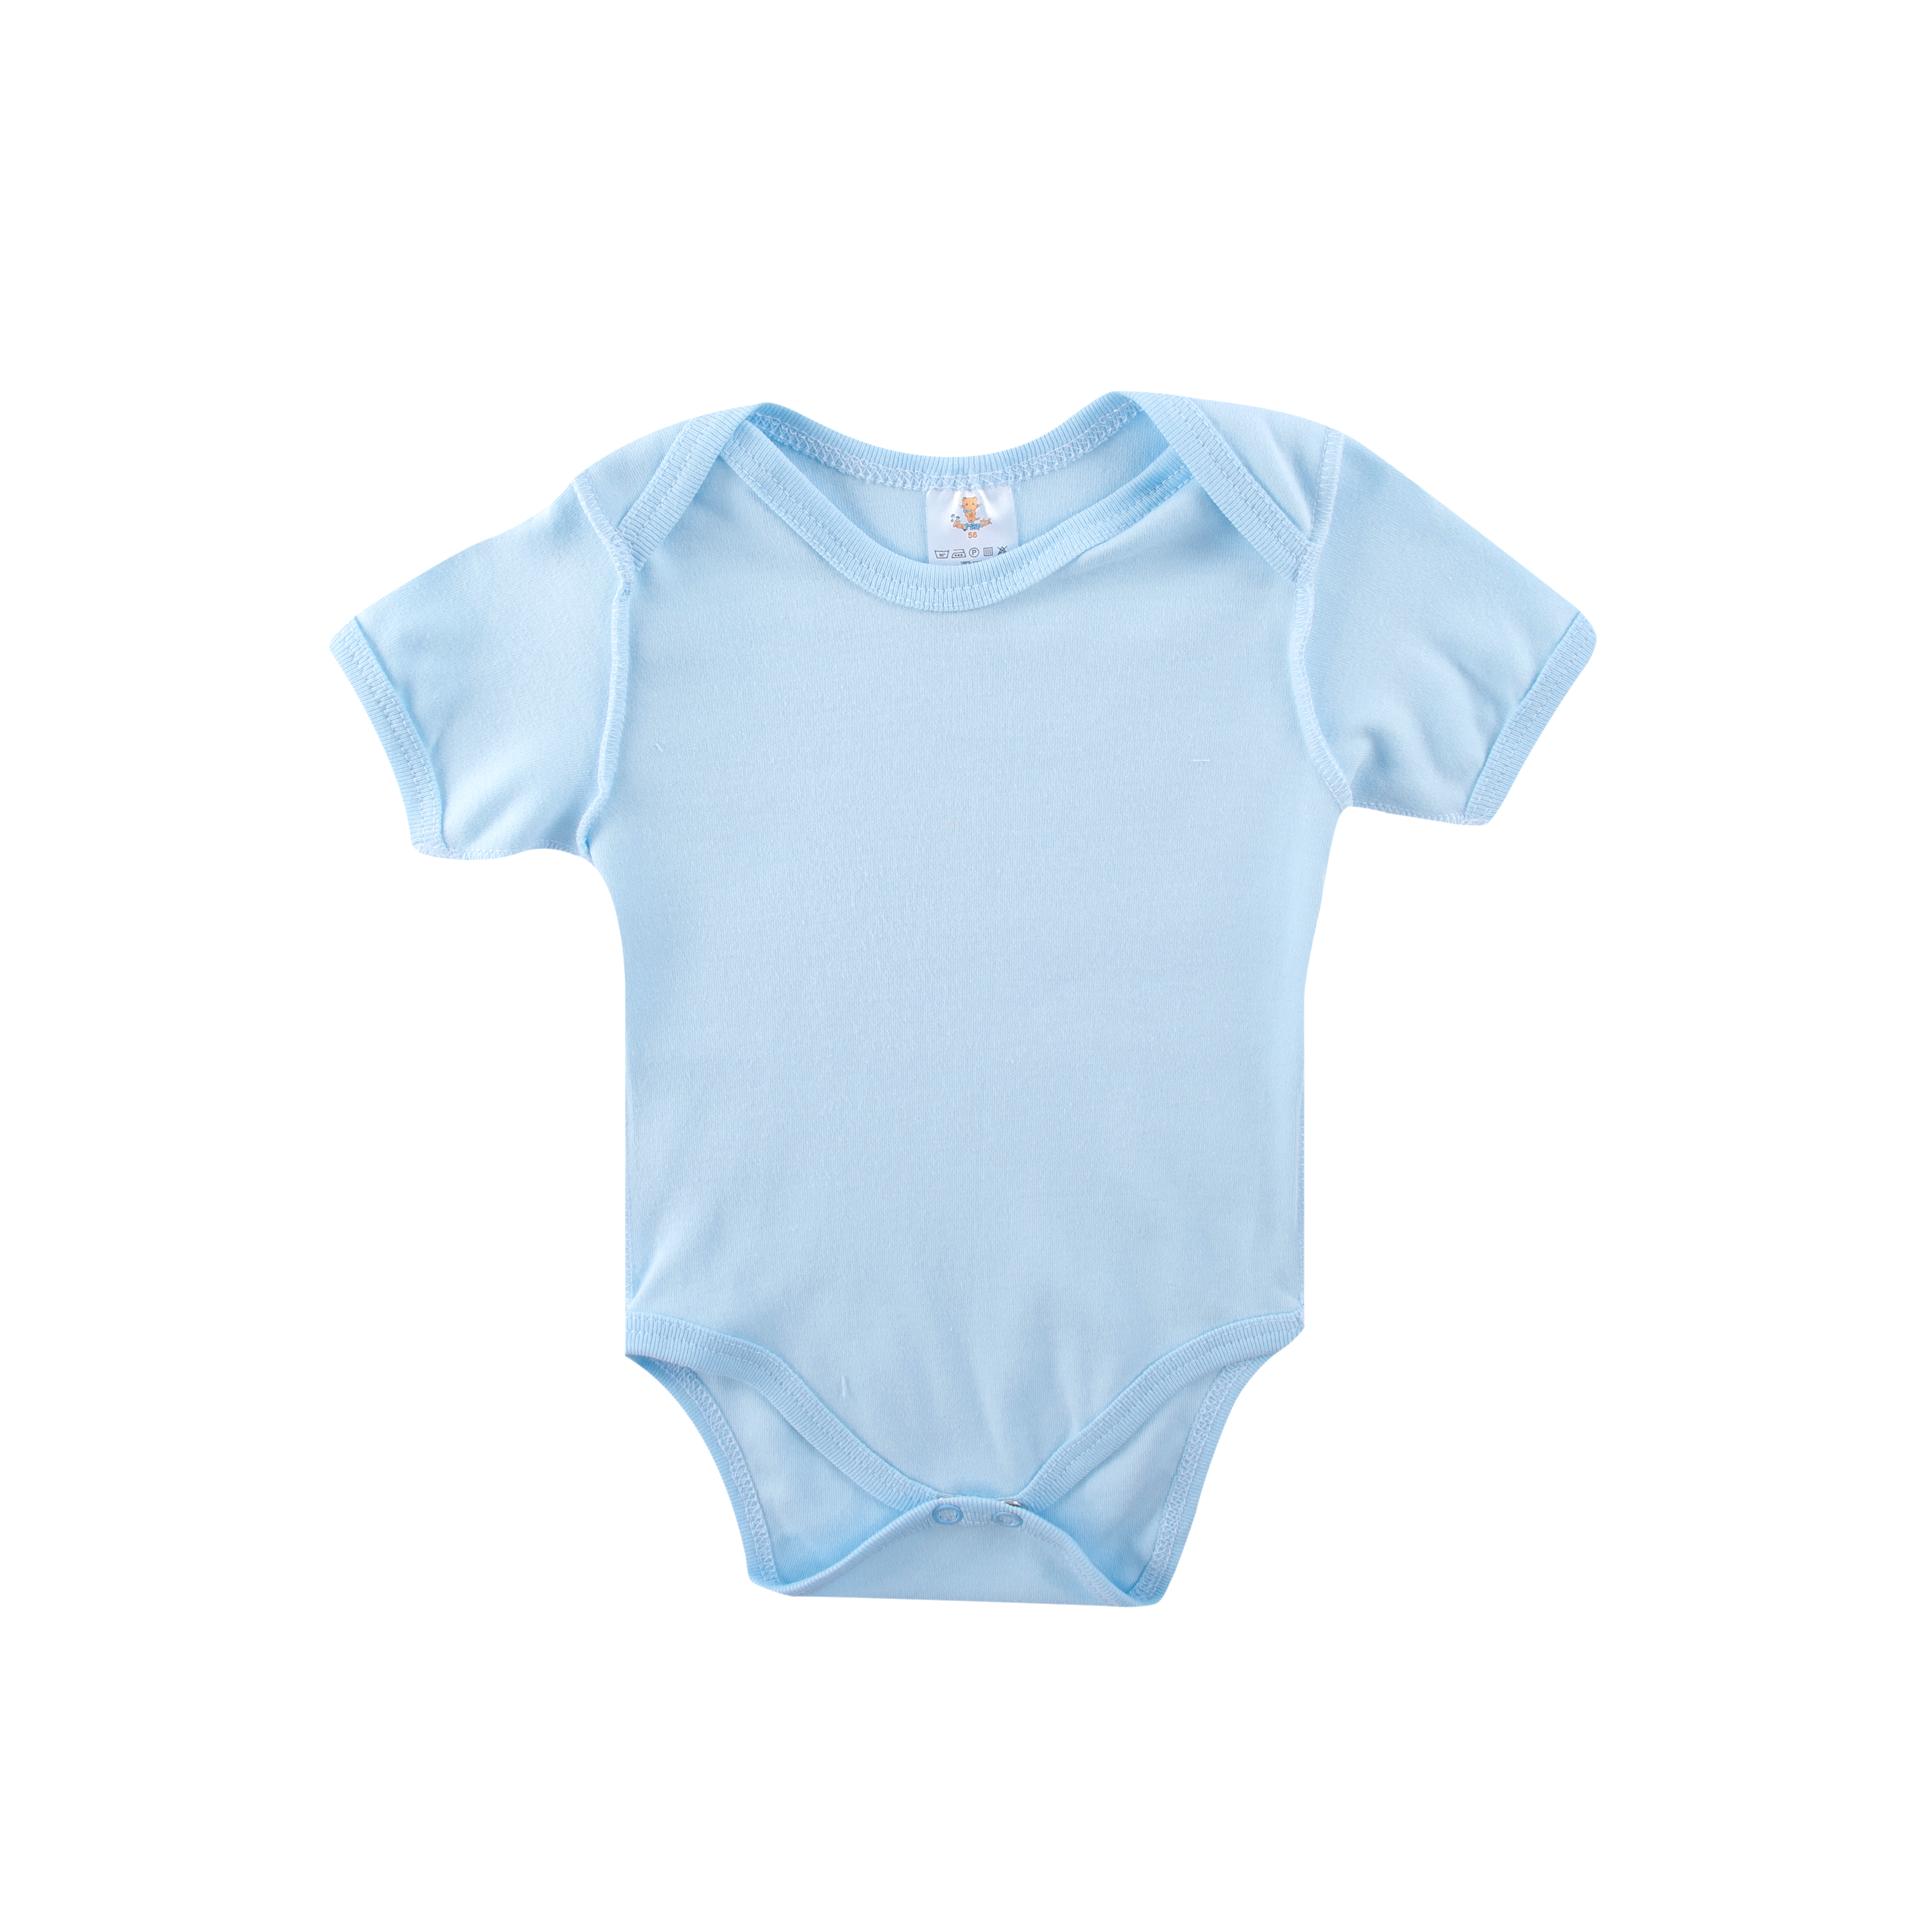 Боди без рукава КОТМАРКОТ для мальчика, цвет голубой 1-3 мес (размер 62 см)<br>